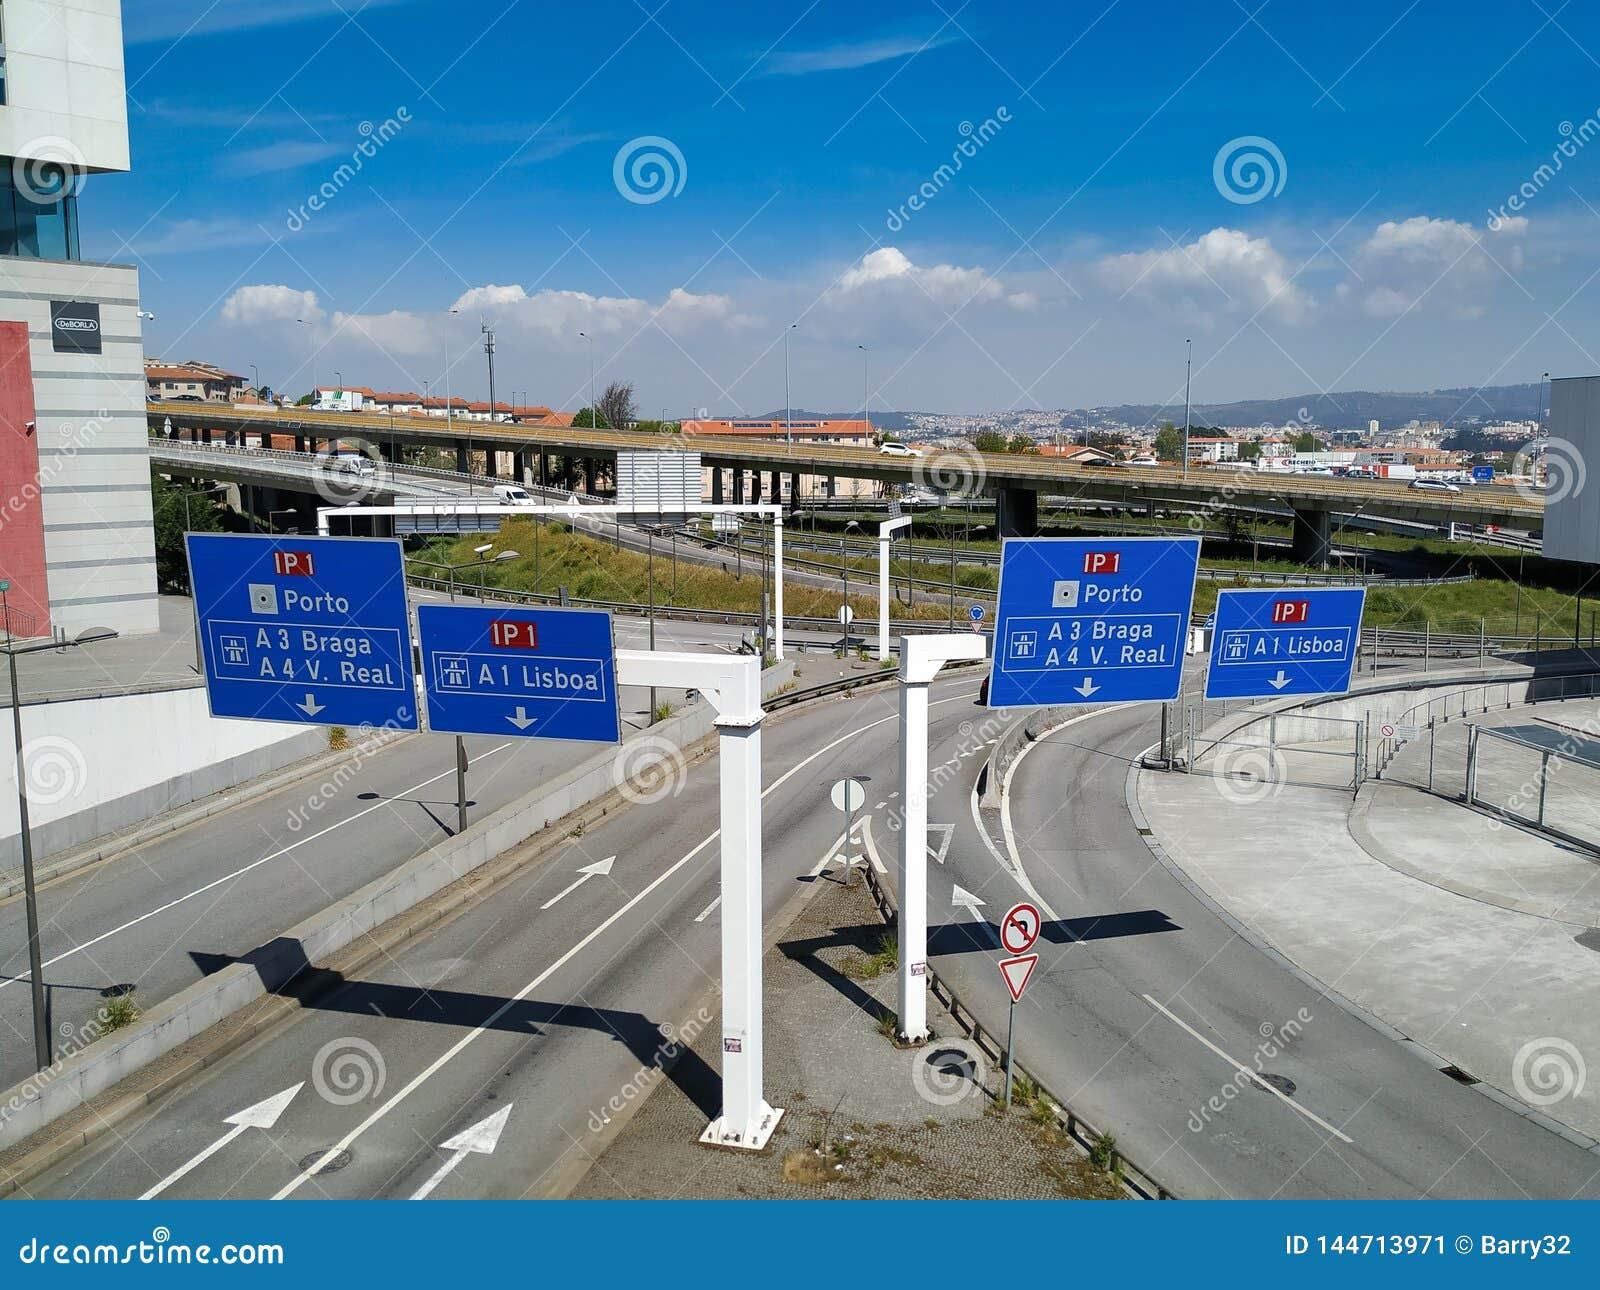 对主要IP1机动车路的入口在葡萄牙,连接阿尔加威到北部